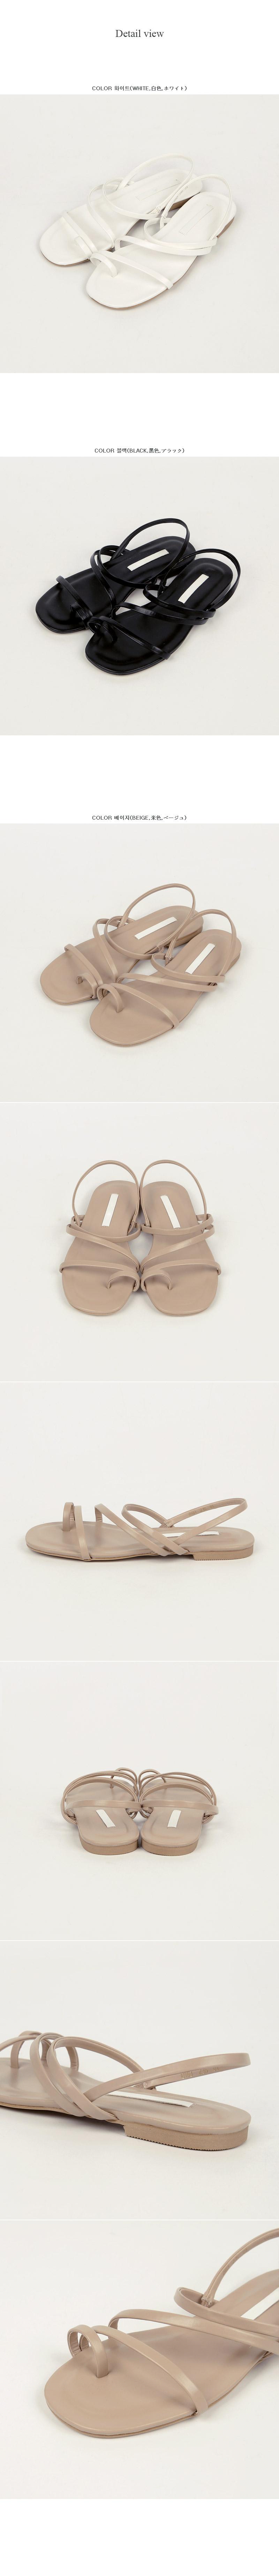 Merte shoes